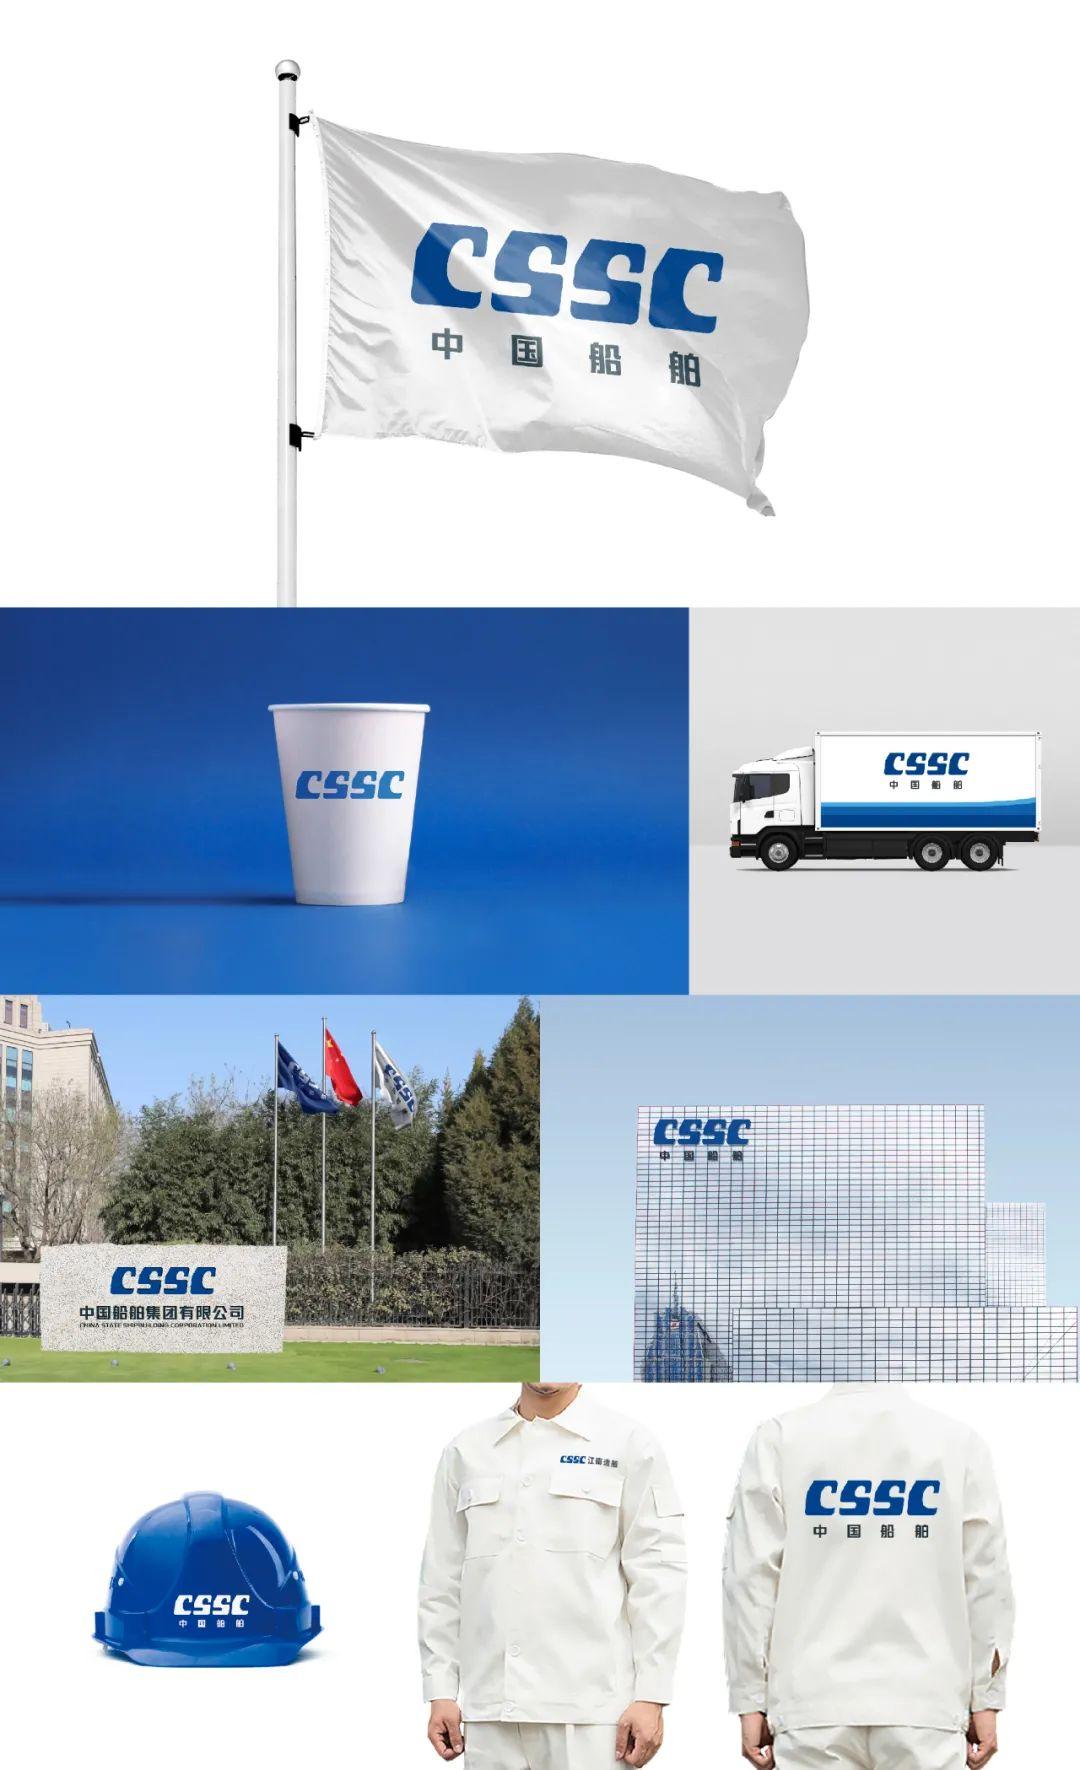 中國船舶集團新LOGO設計應用效果_高瑞品牌